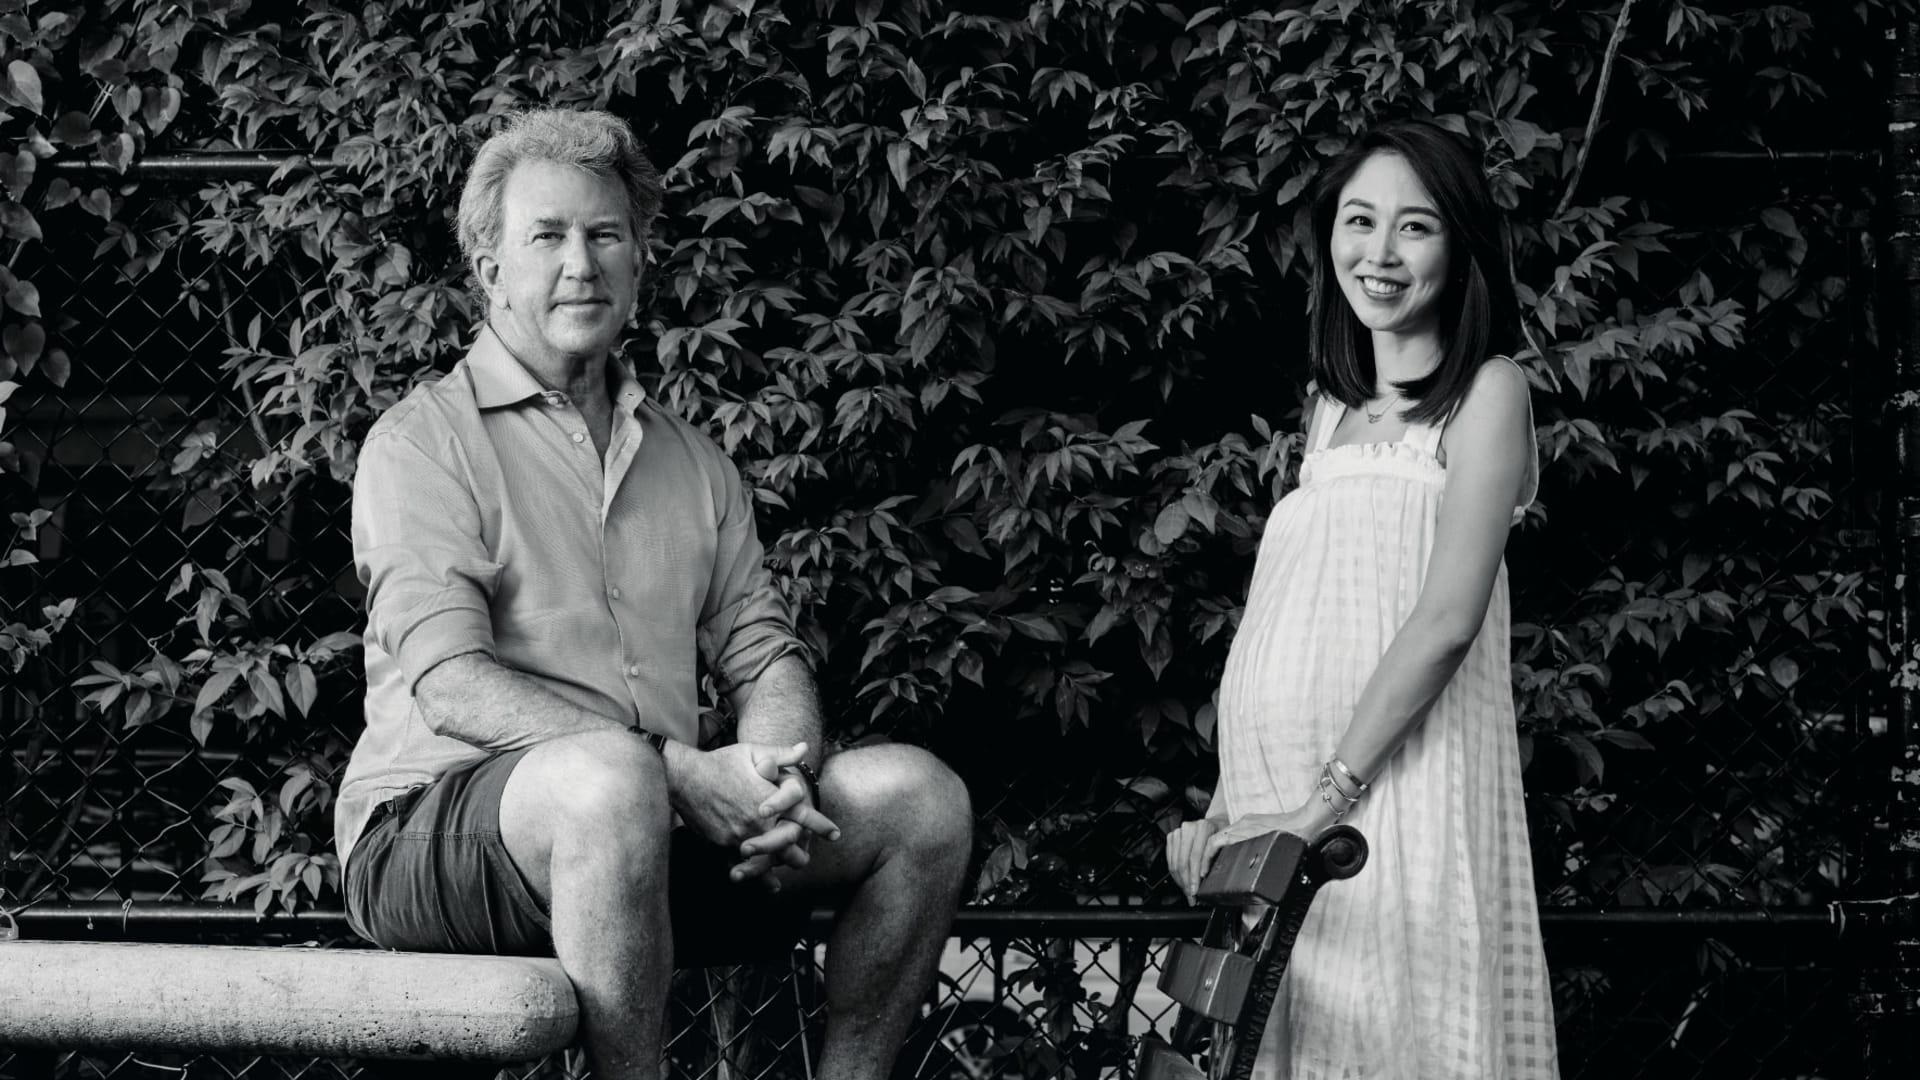 Jeffrey Hollender and Sarah Paiji Yoo